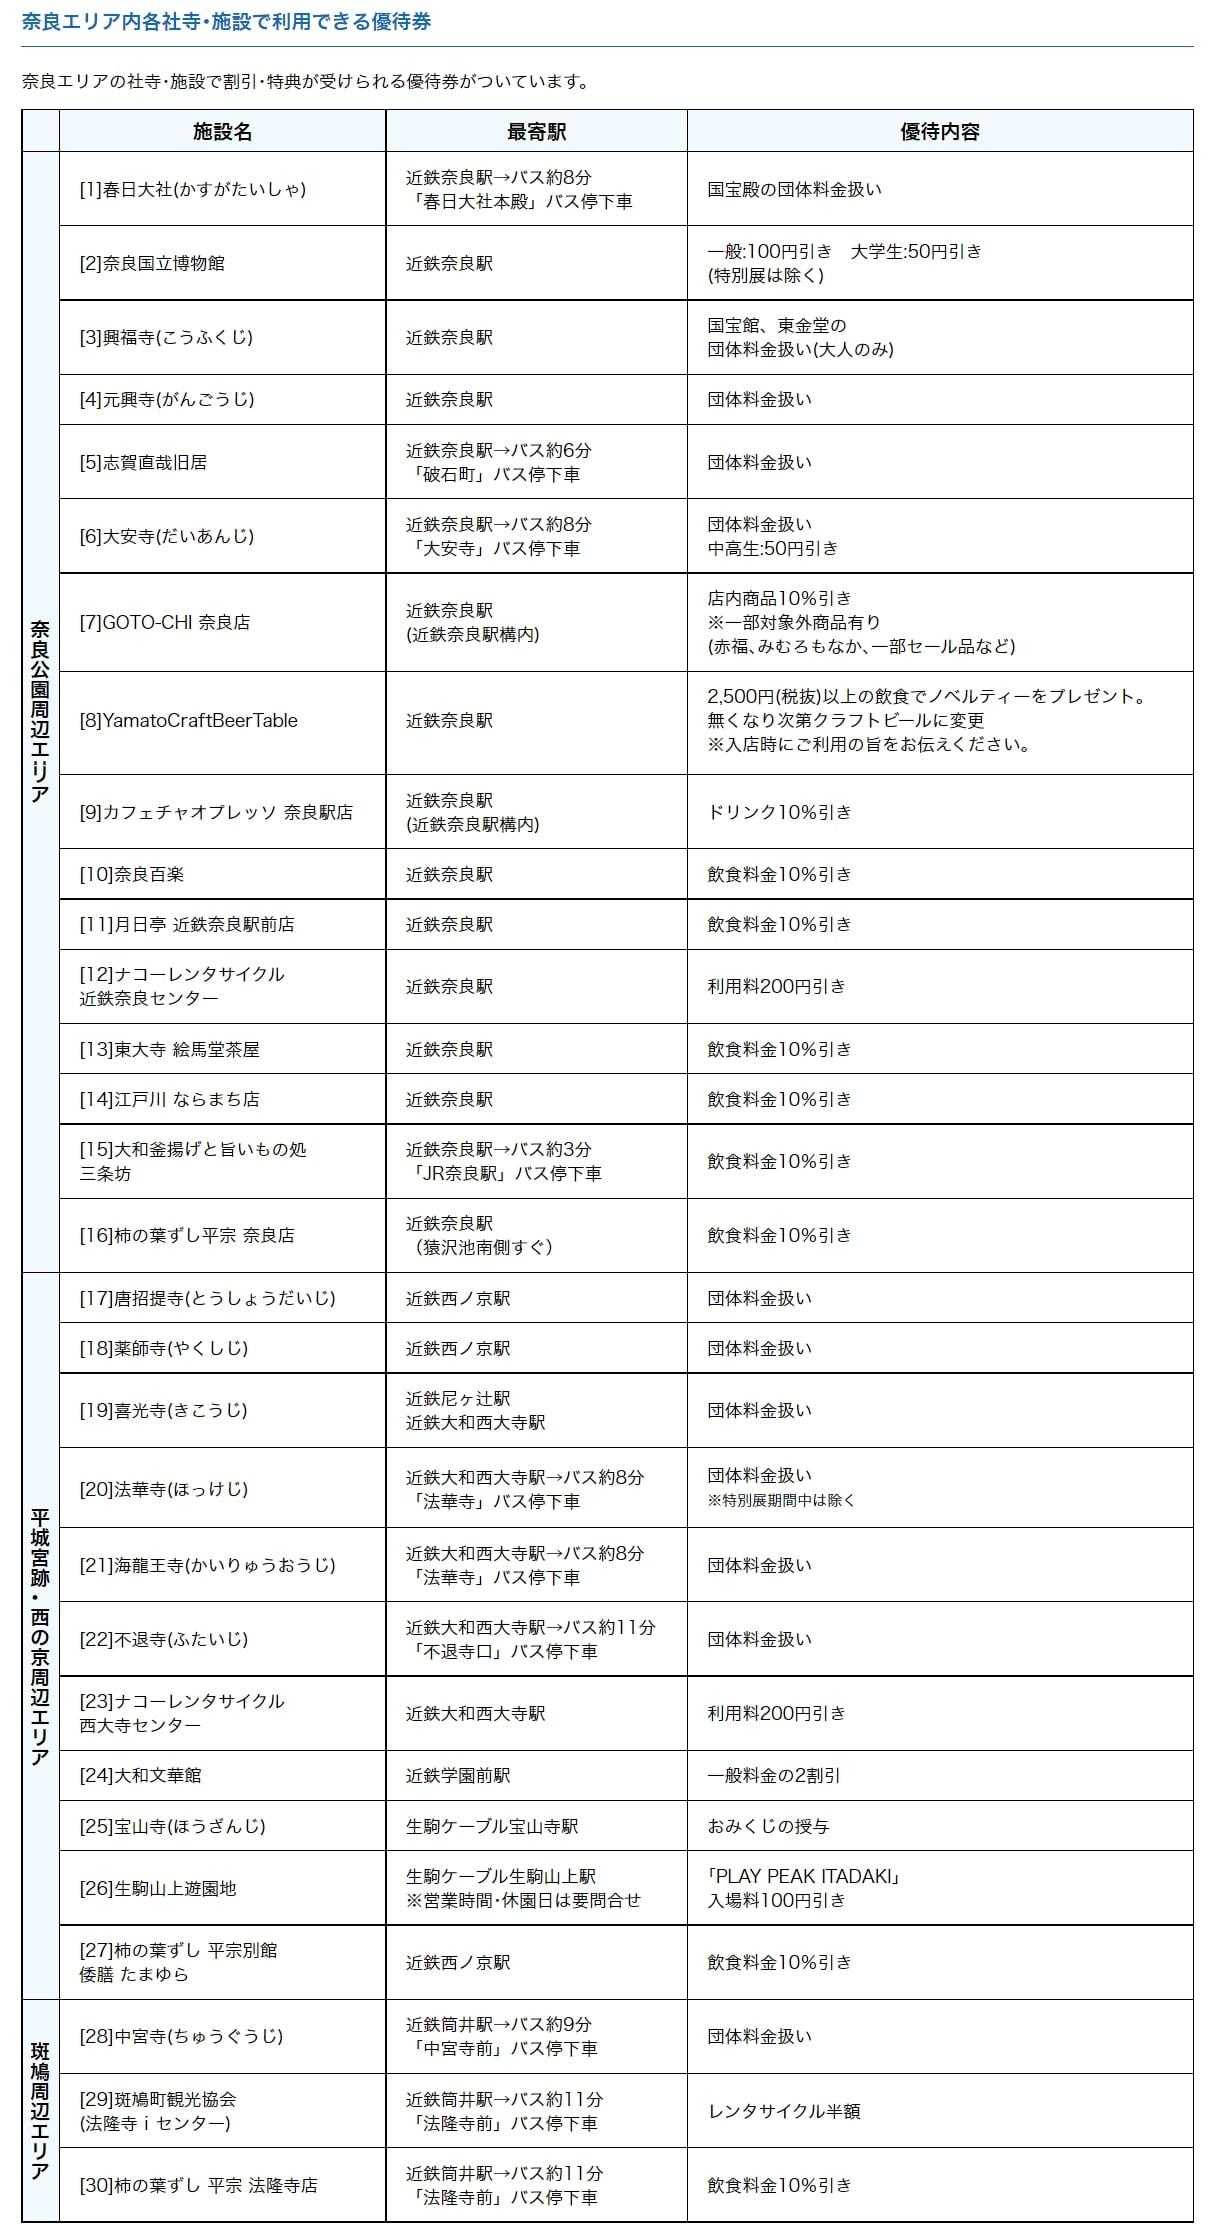 奈良交通票券|奈良斑鳩一日券使用方式、版本、購買地點介紹